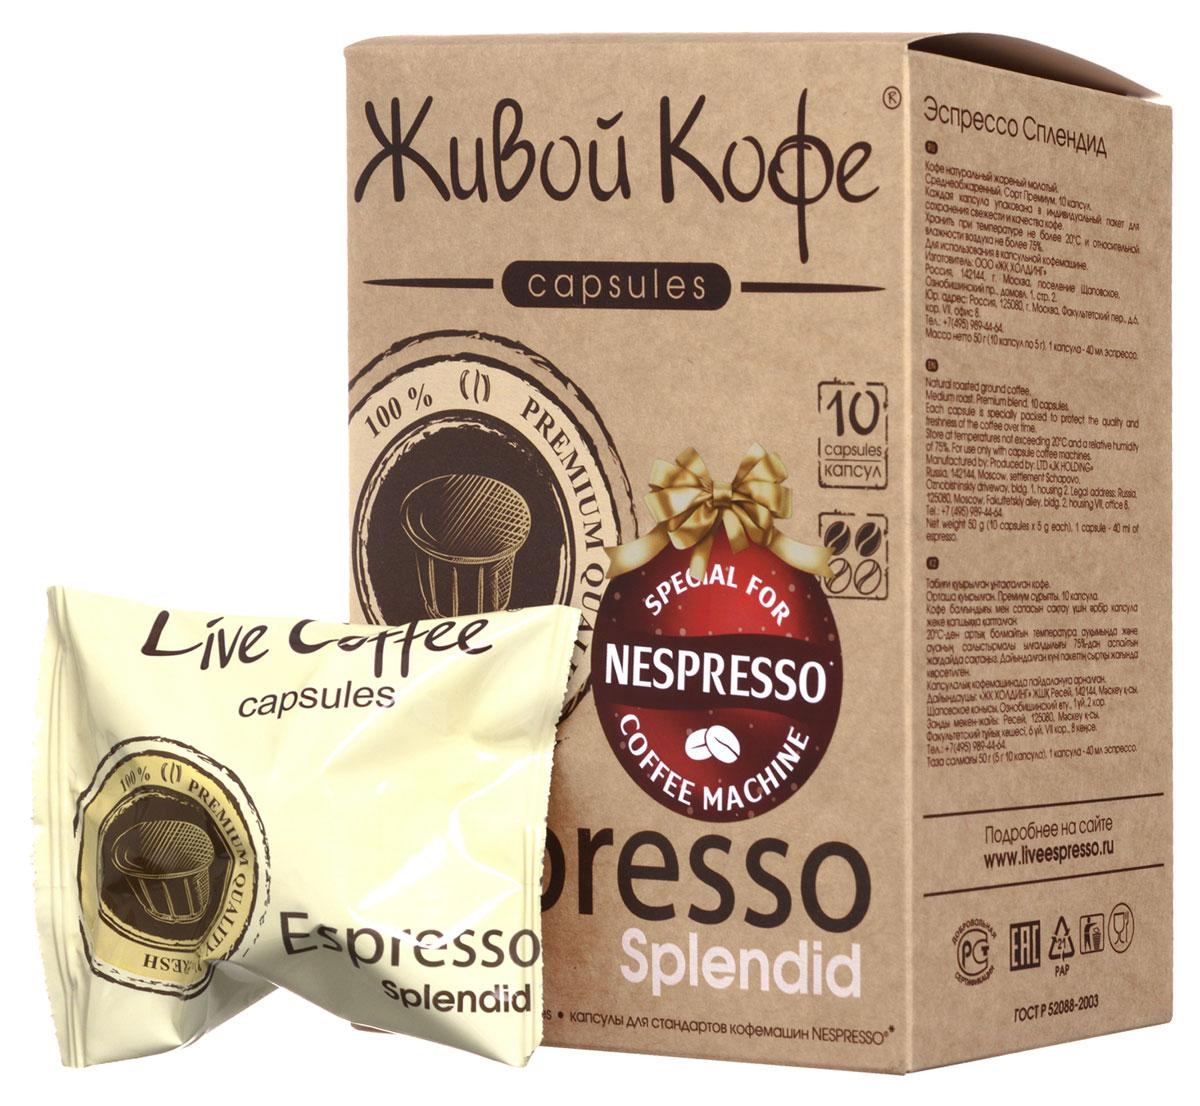 Живой Кофе Espresso Splendid кофе в капсулах (индивидуальная упаковка), 10 шт